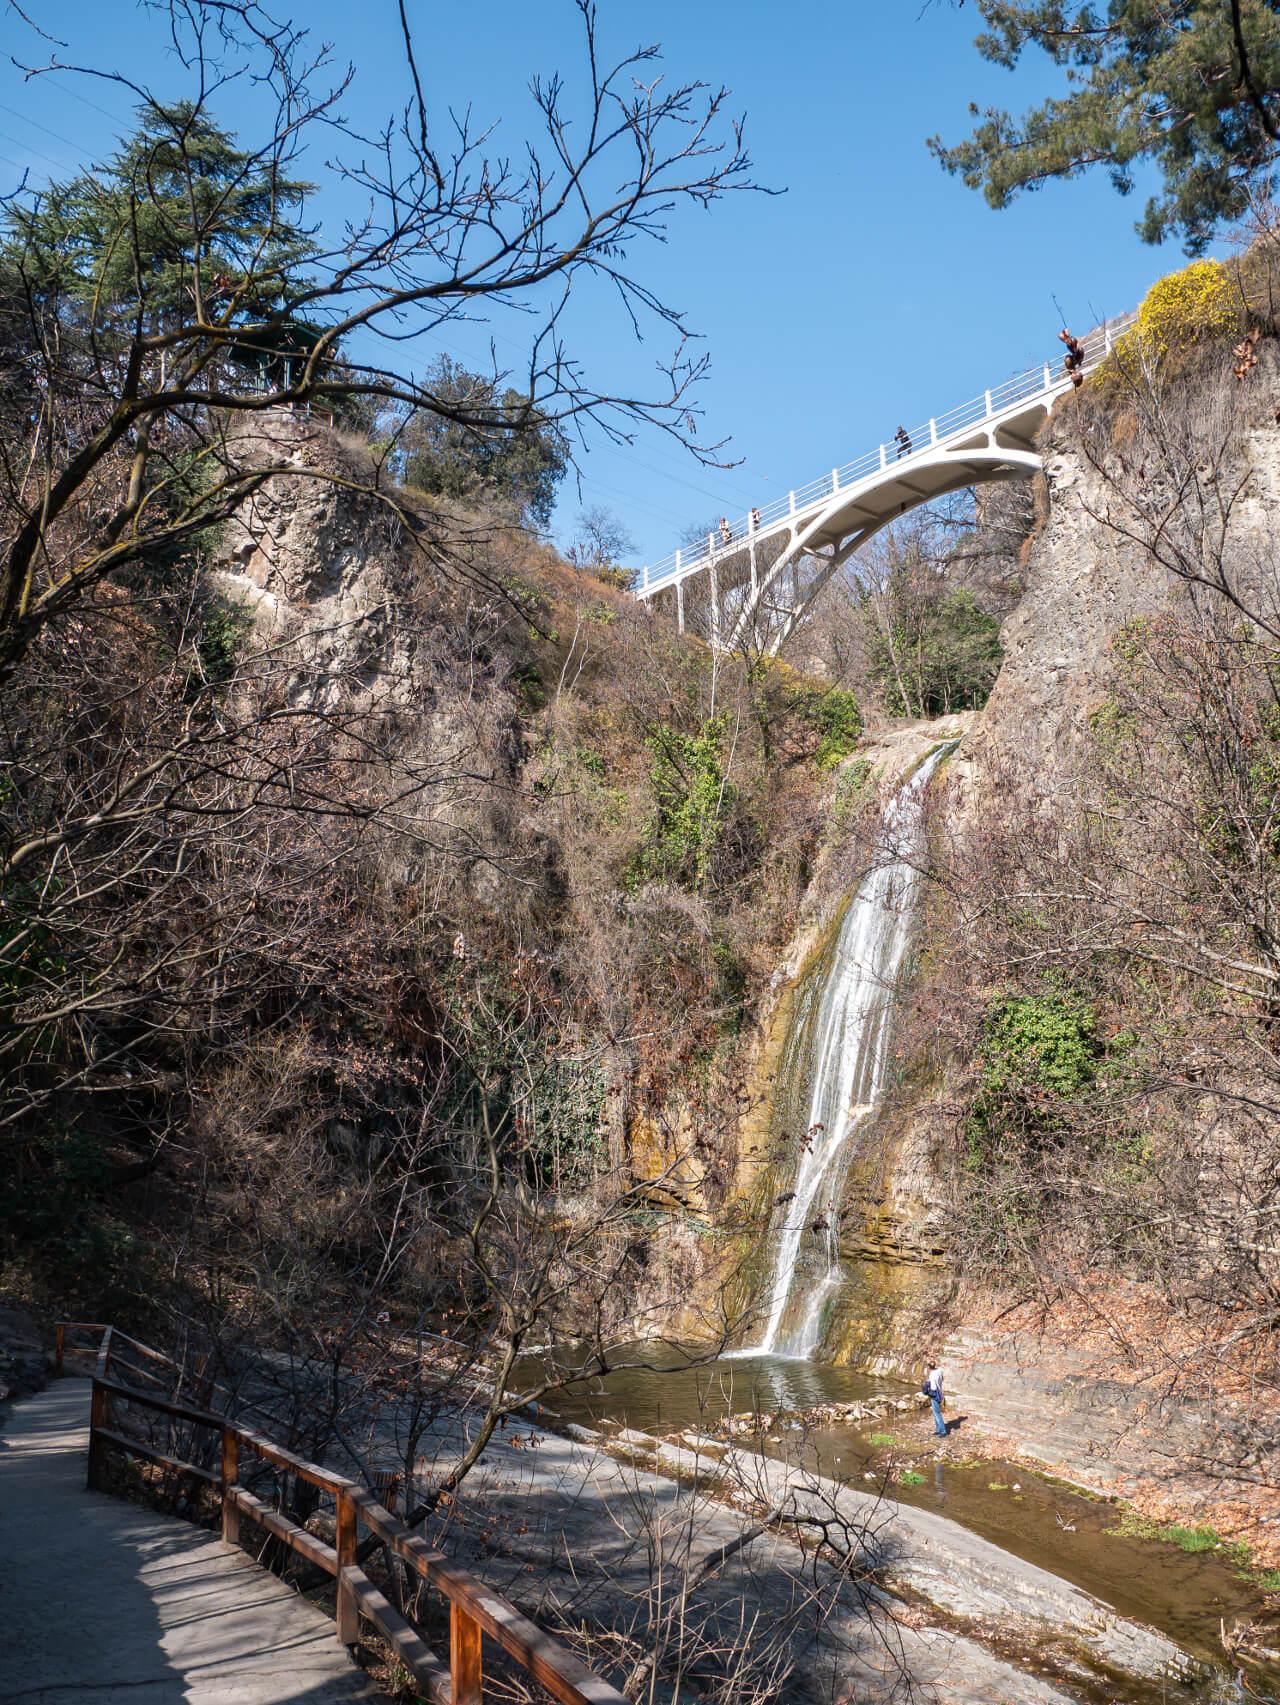 Wodospad w Ogrodzie Botanicznym w Tbilisi